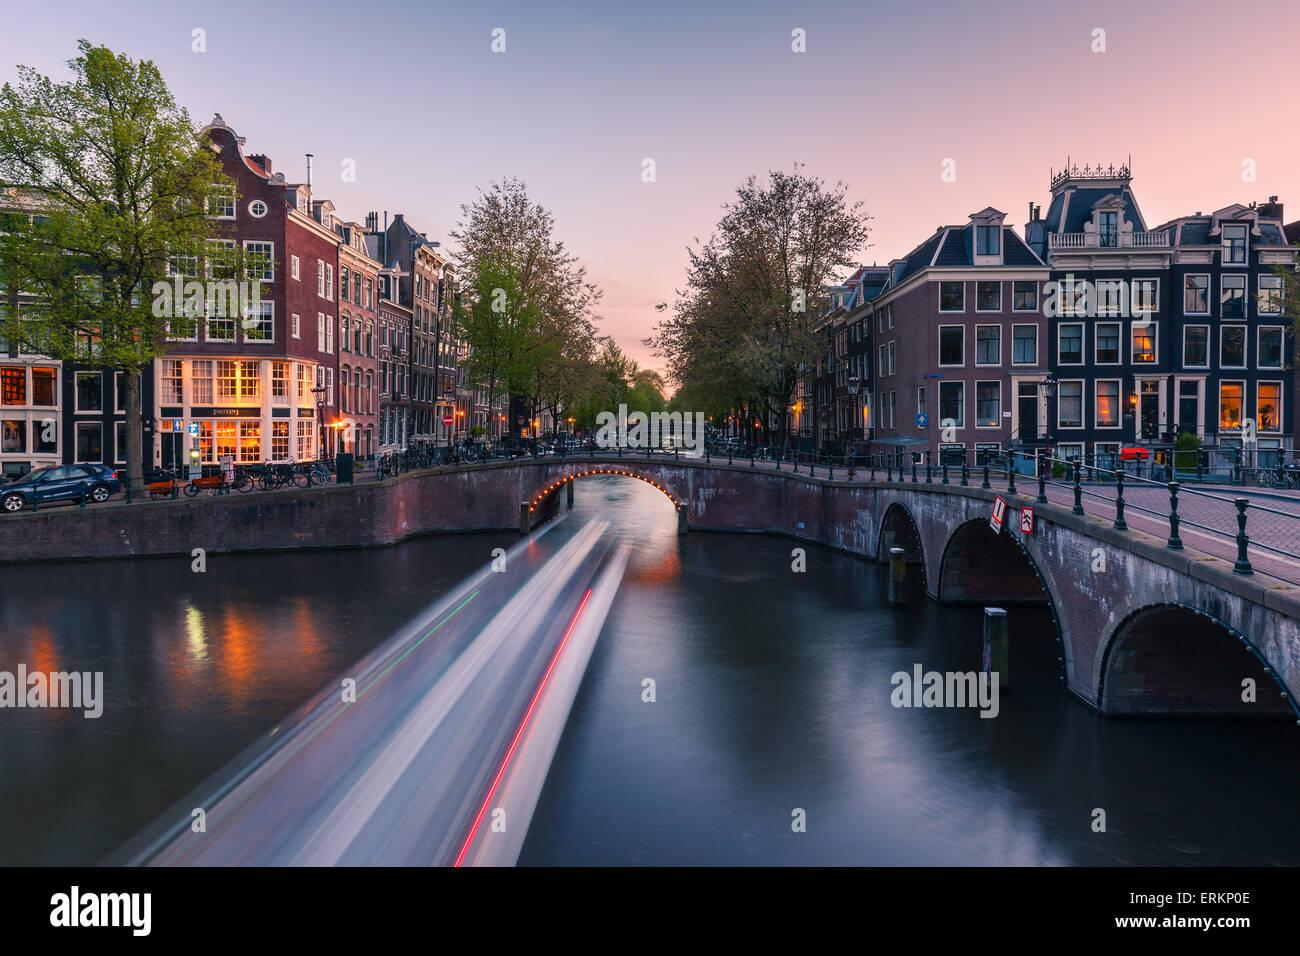 Una serata sui canali vicino il Keizersgracht a Amsterdam, Paesi Bassi. Immagini Stock